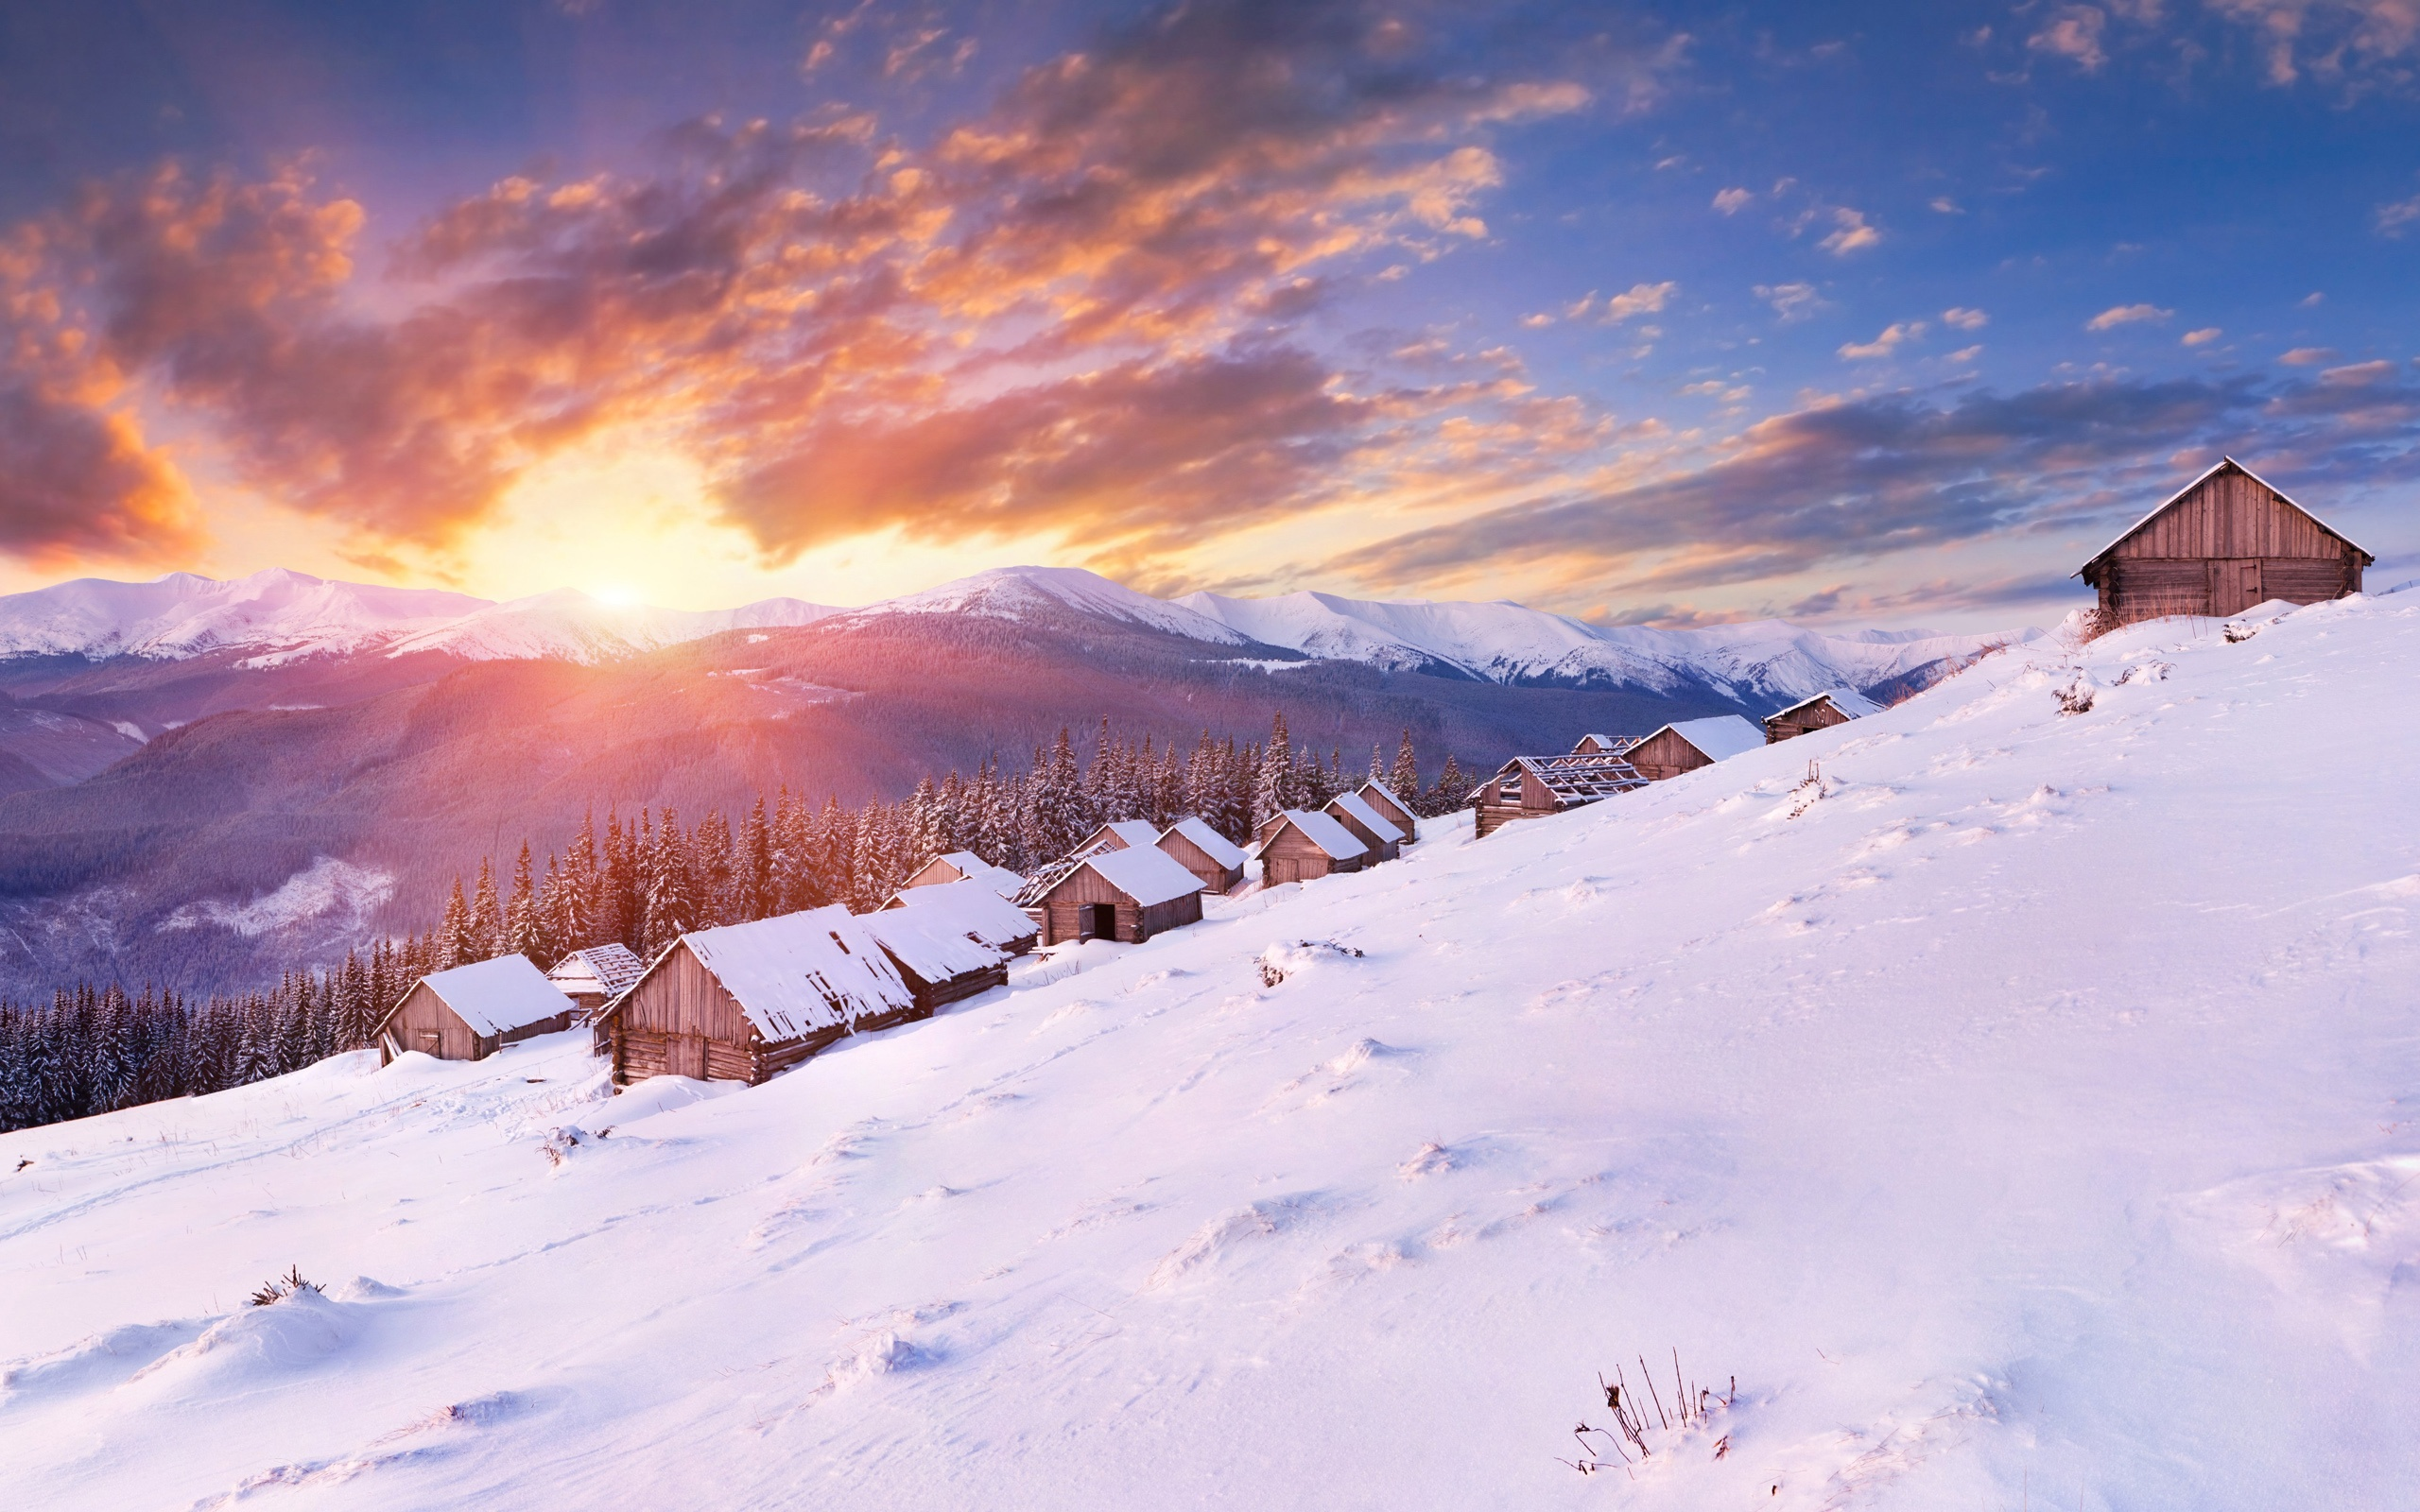 Montaña Nevada Hd: Fondos De Pantalla Bajo El Sol, Montañas Nevadas Casa